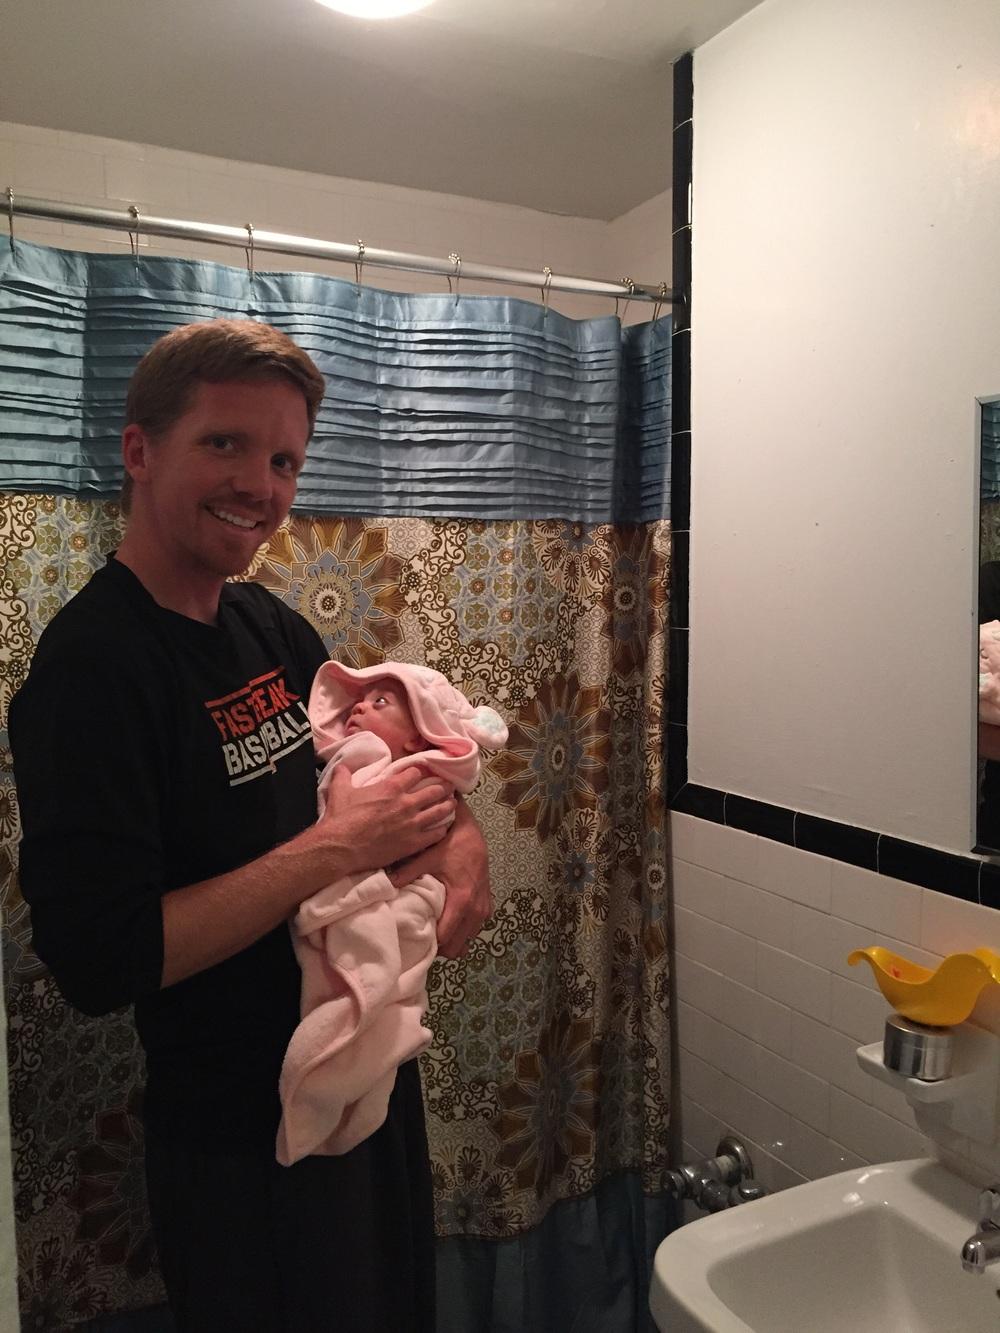 Bathtime fun! She's mesmerized by her Daddy!